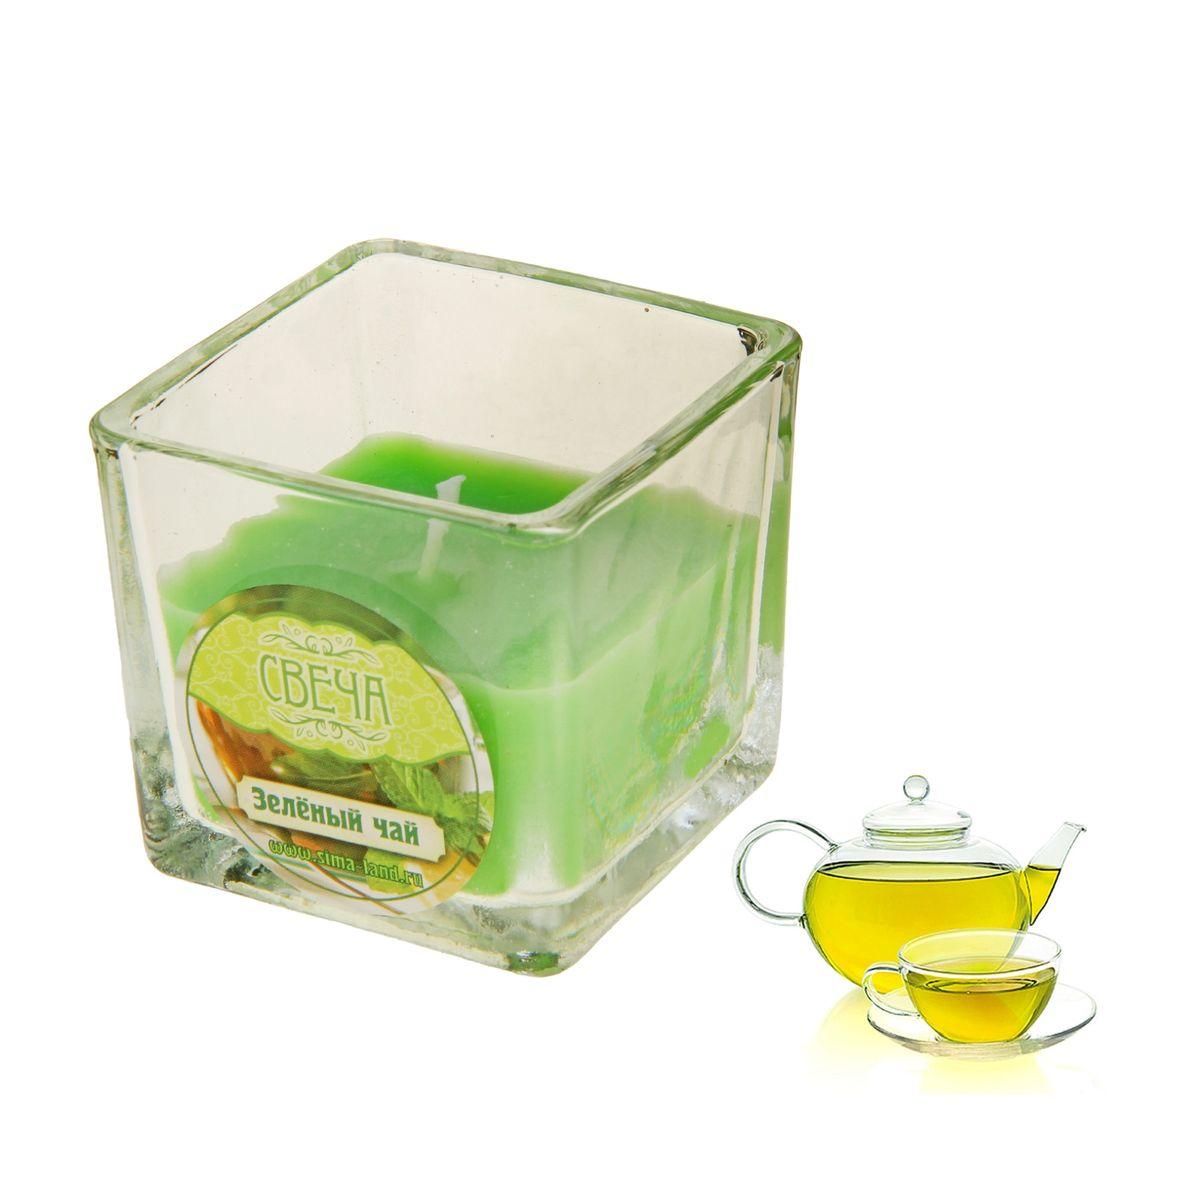 Свеча ароматизированная Sima-land Зеленый чай, высота 5 смБрелок для ключейАроматизированная свеча Sima-land Зеленый чай изготовлена из воска и расположена в стеклянном стакане. Изделие отличается оригинальным дизайном и приятным ароматом. Такая свеча может стать отличным подарком или создаст незабываемую атмосферу праздника в вашем доме.